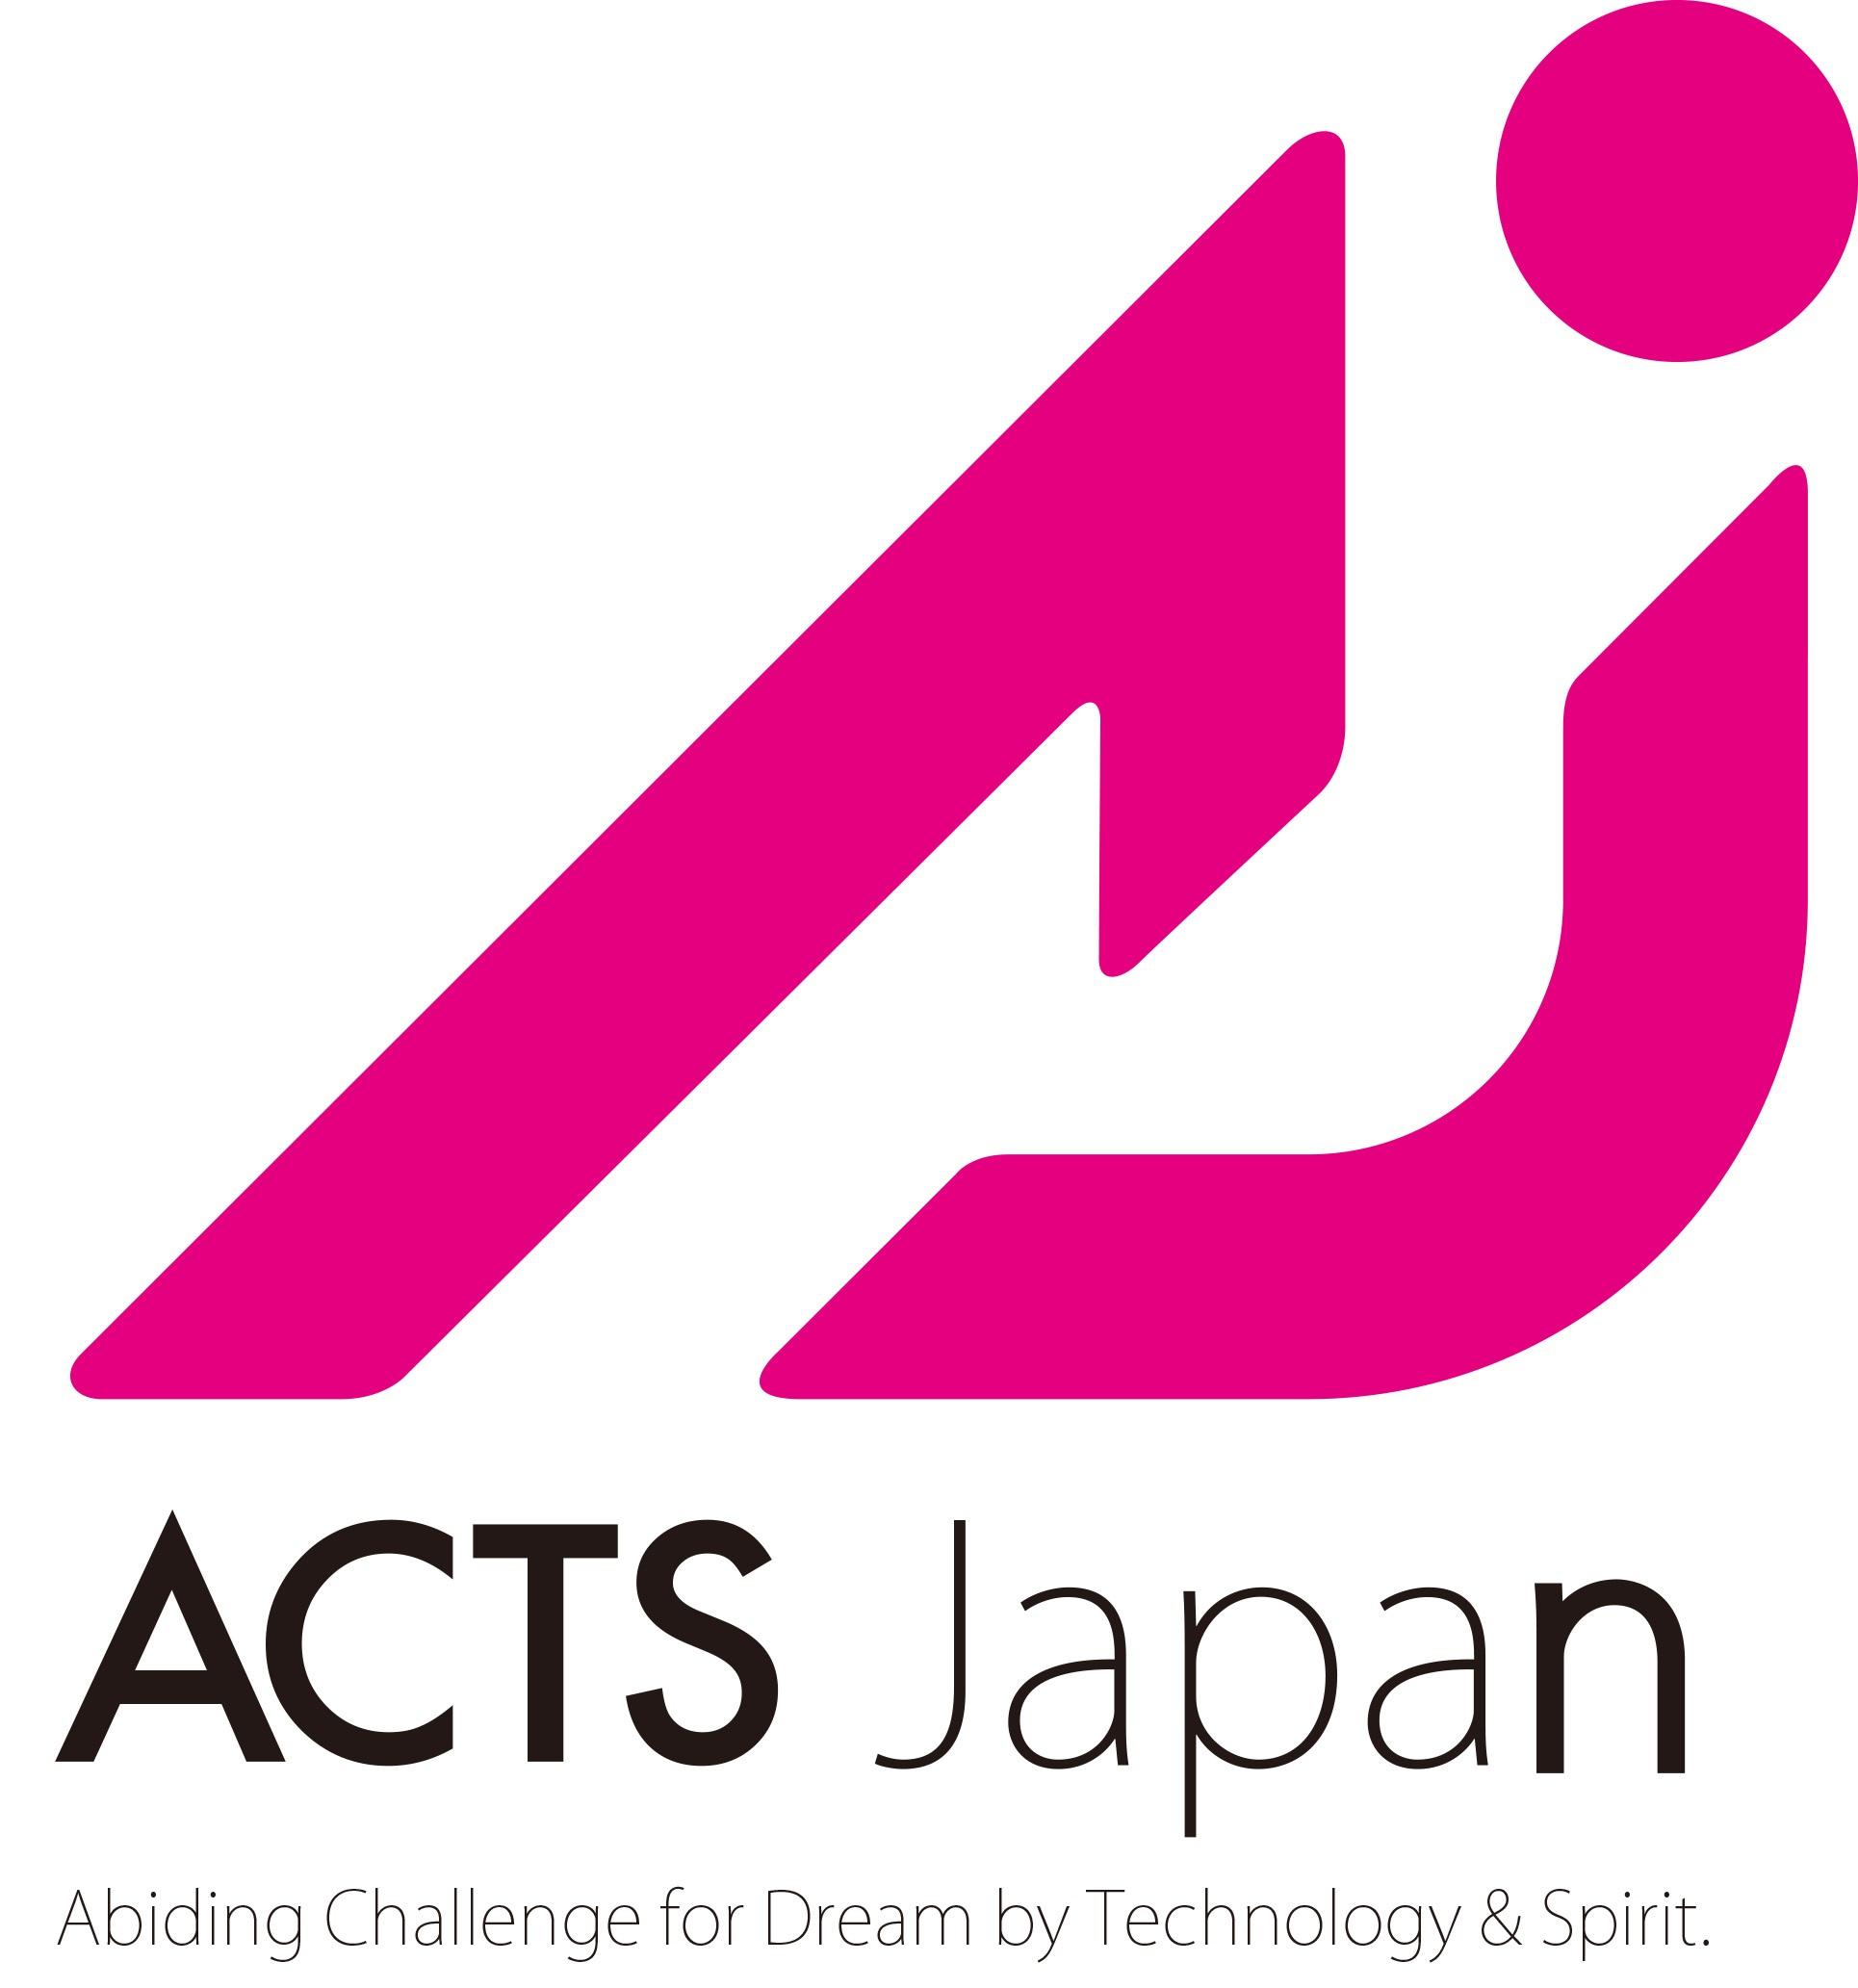 大阪事業部が本町へ移転しました